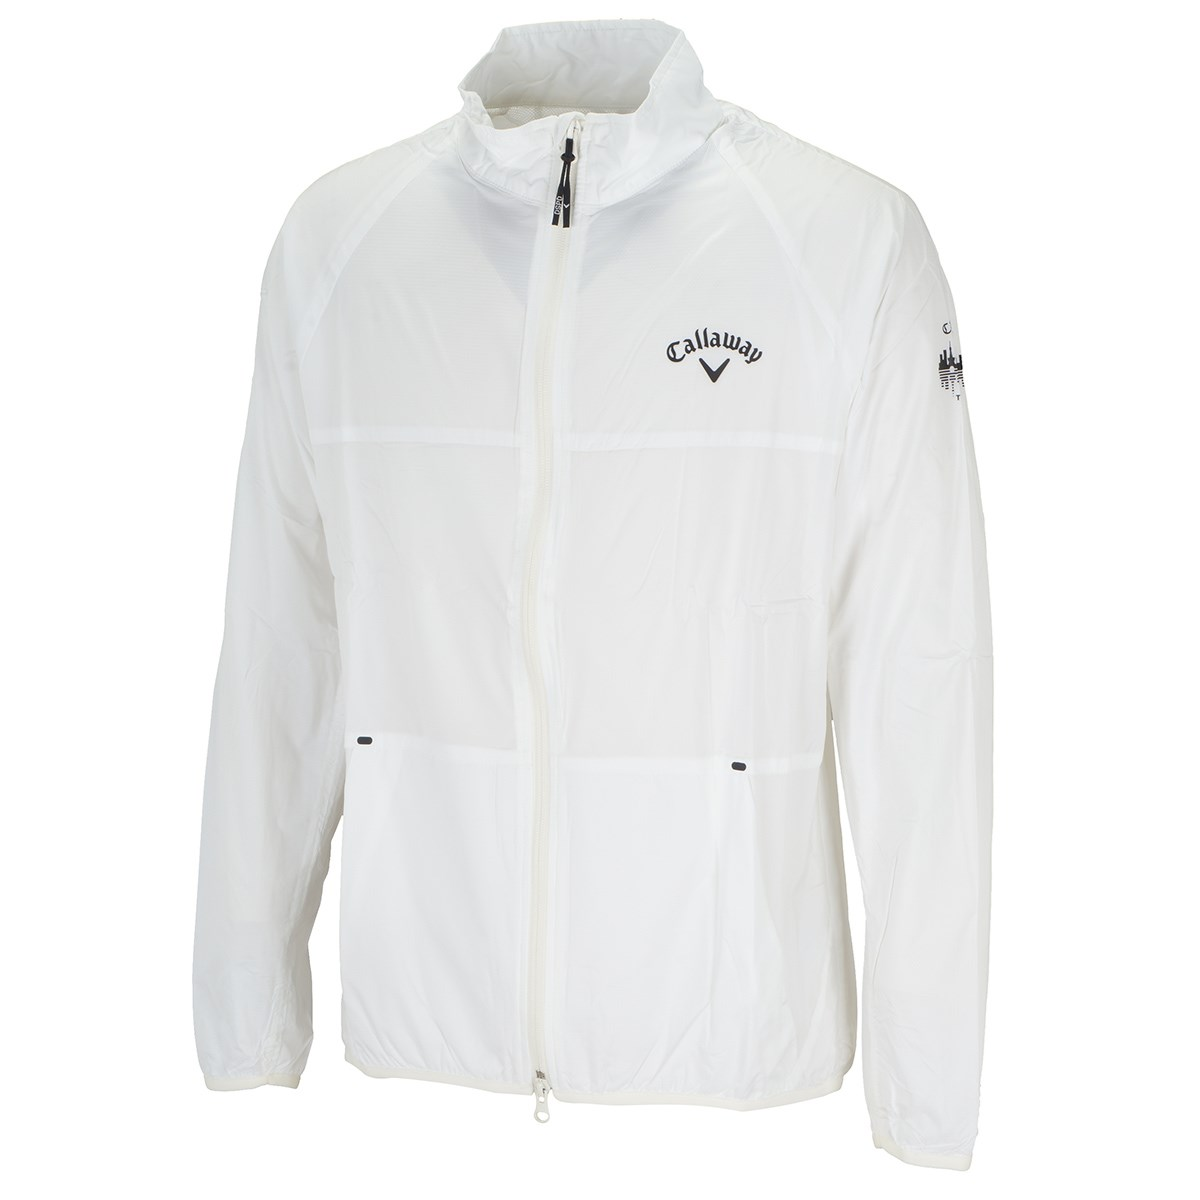 キャロウェイゴルフ Callaway Golf リップストップ 長袖ブルゾン L ホワイト 030